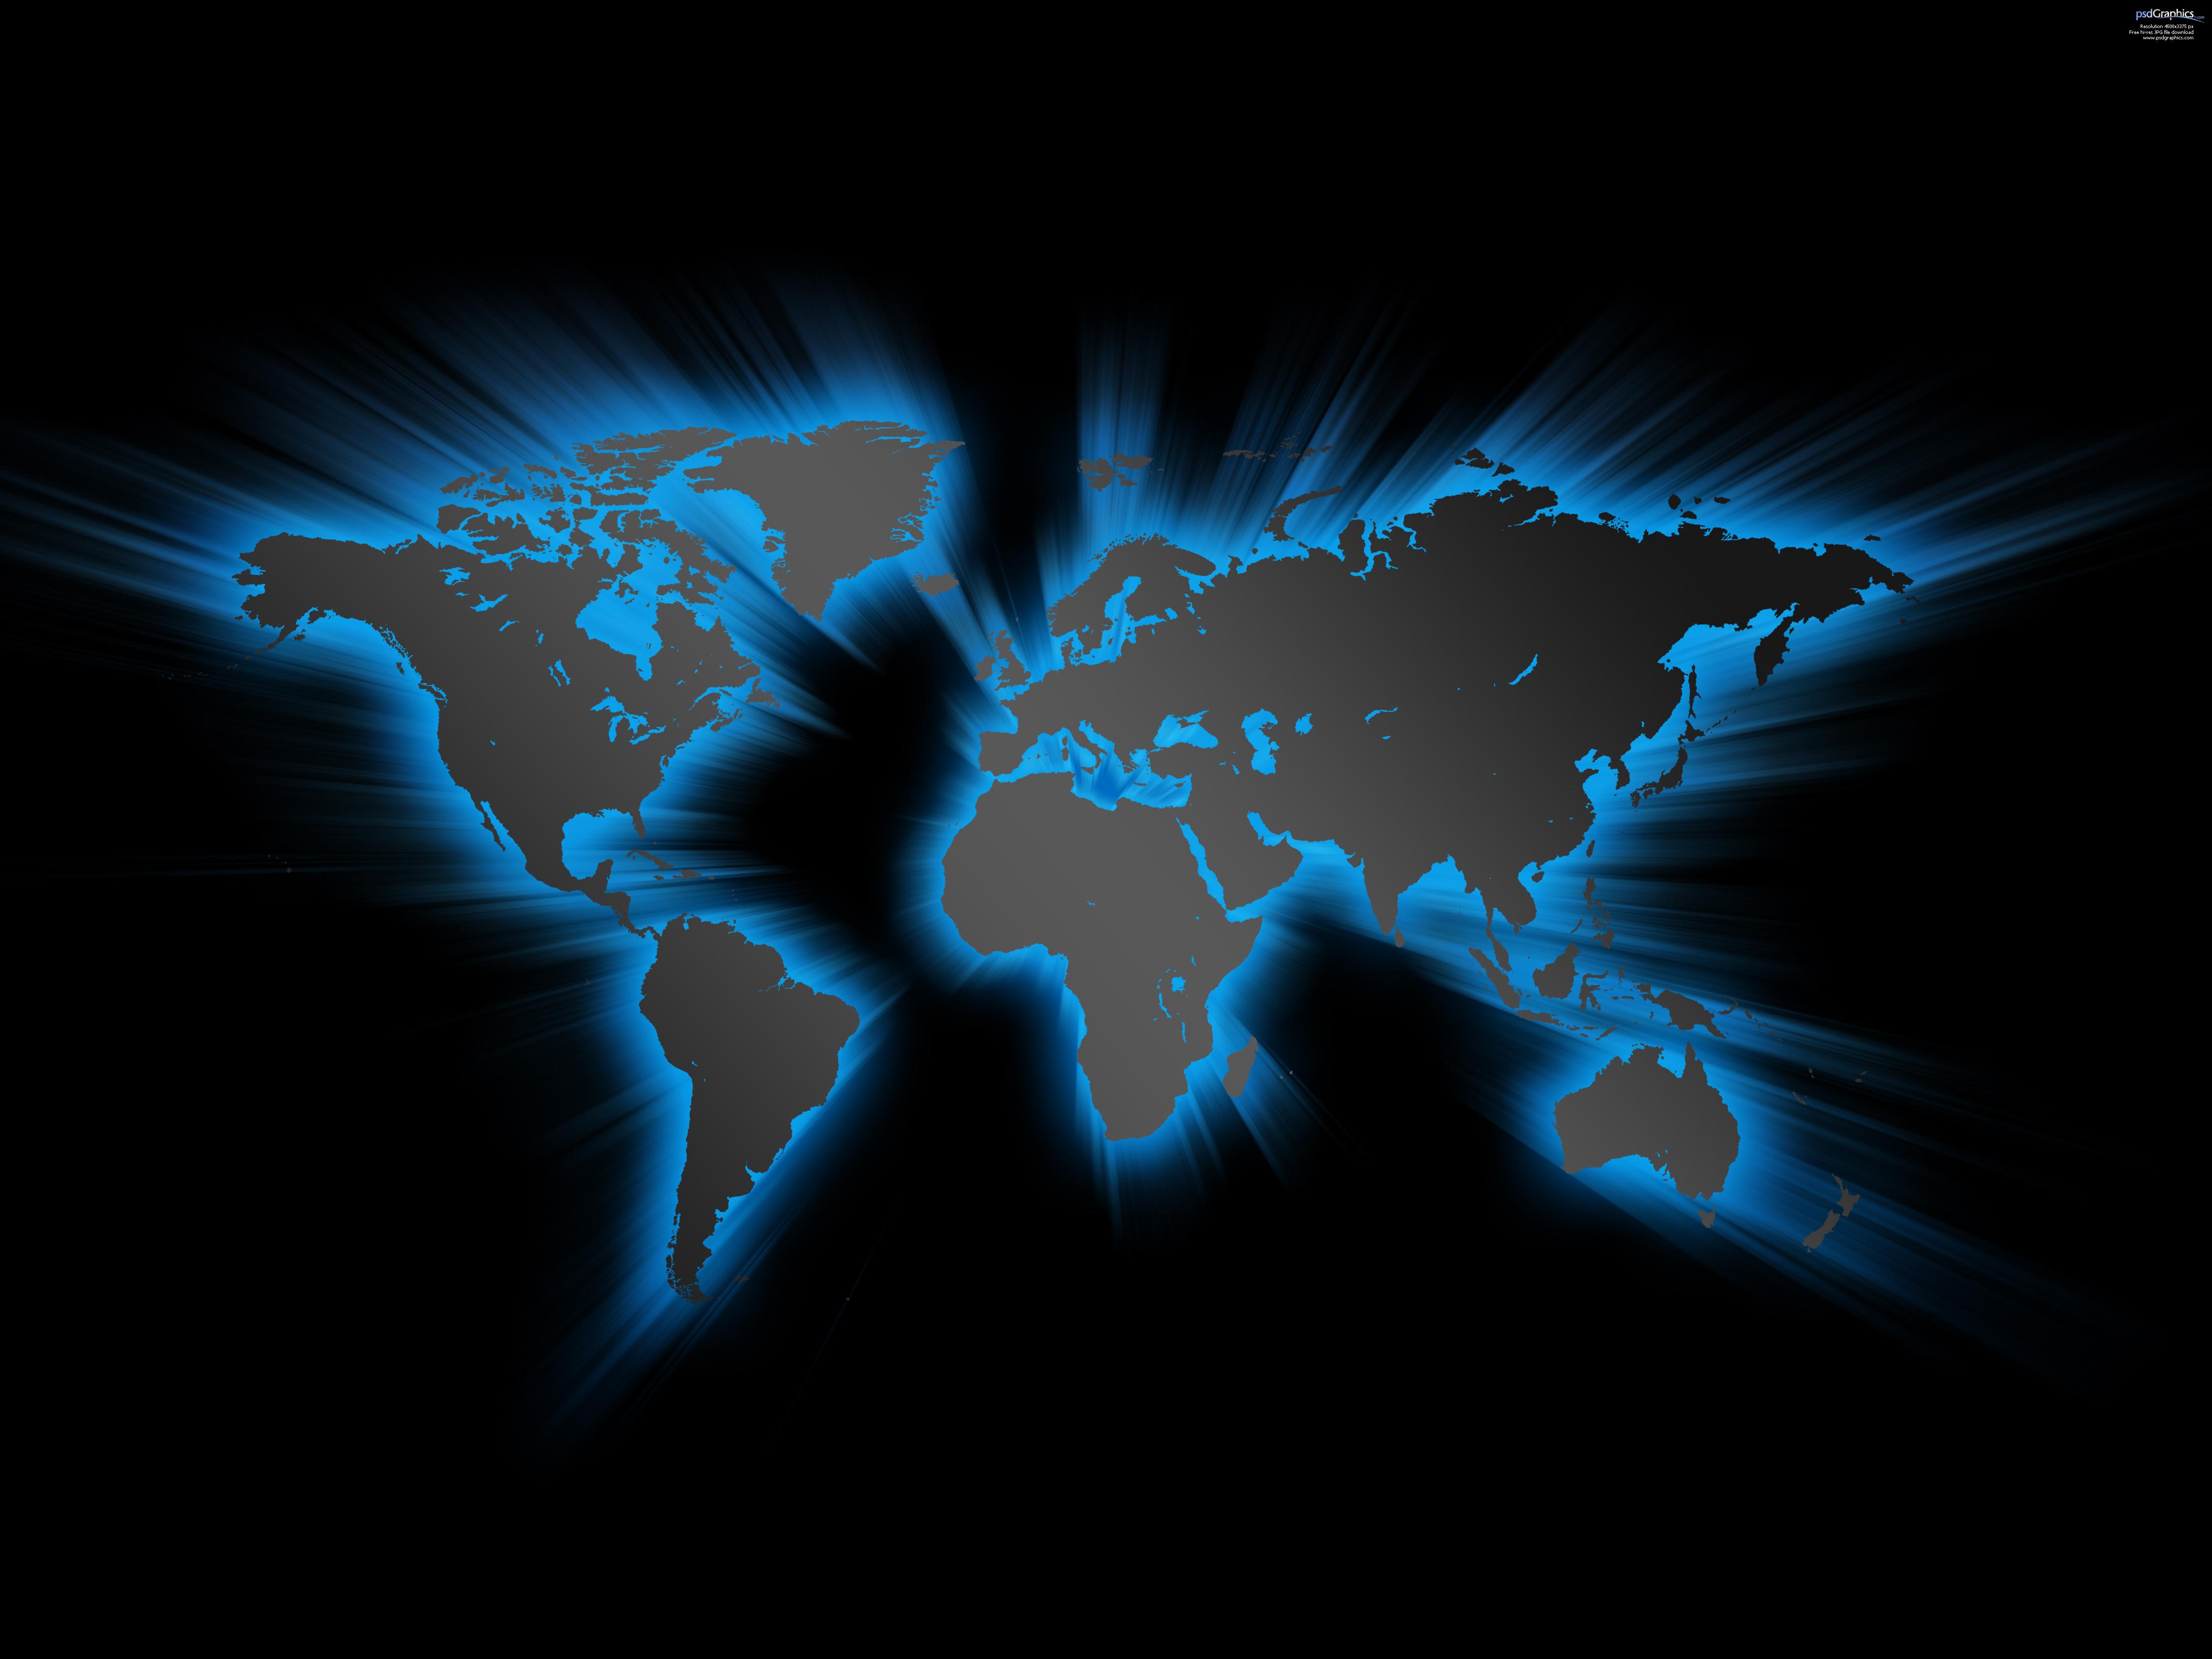 world map background blank world map world map wall stylish business 4500x3375